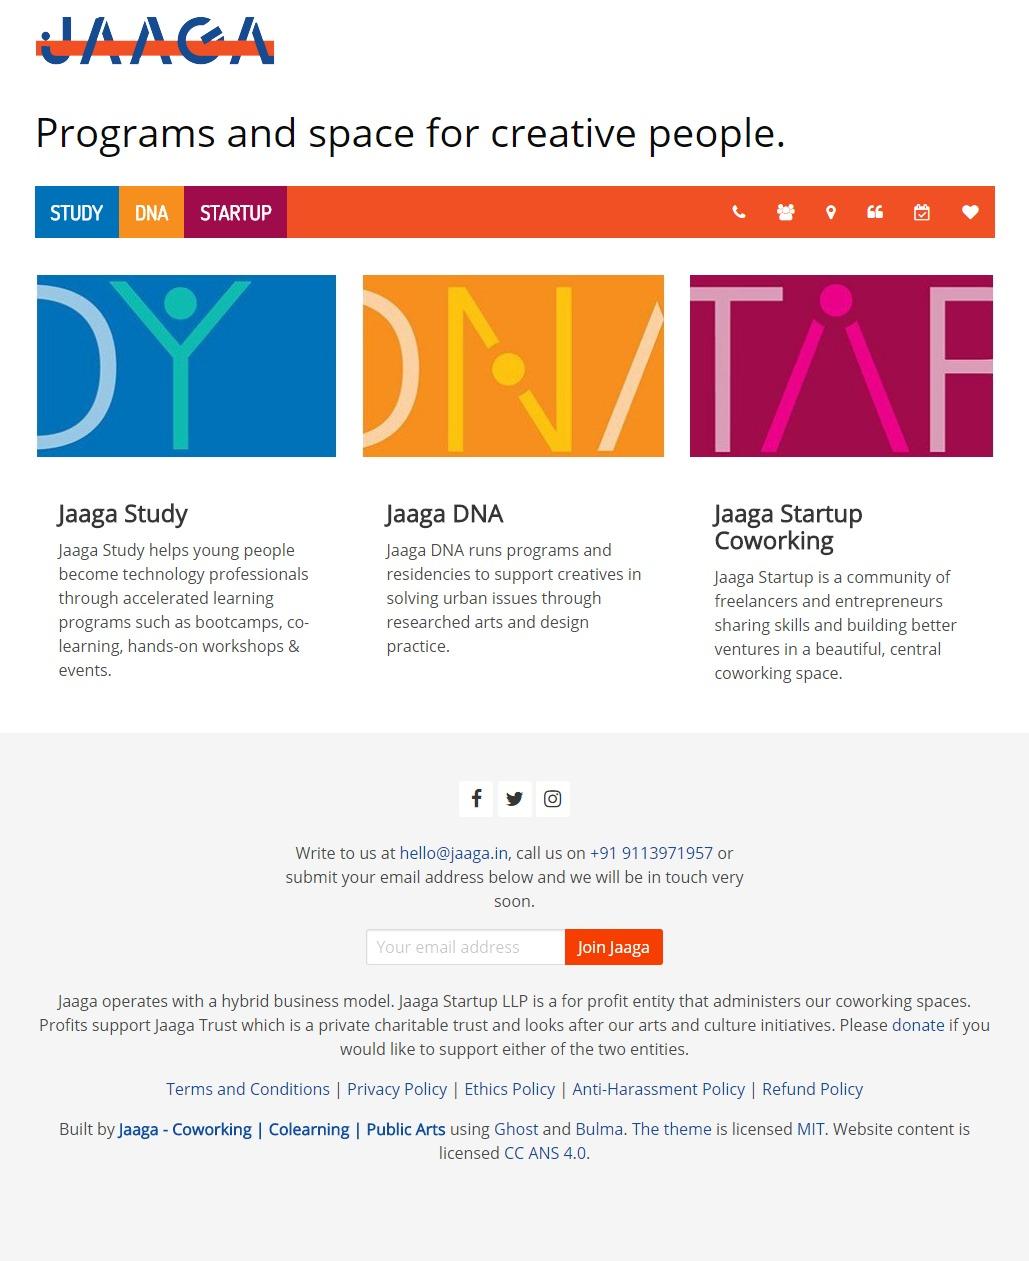 Jaaga---Coworking---Colearning---Public-Arts